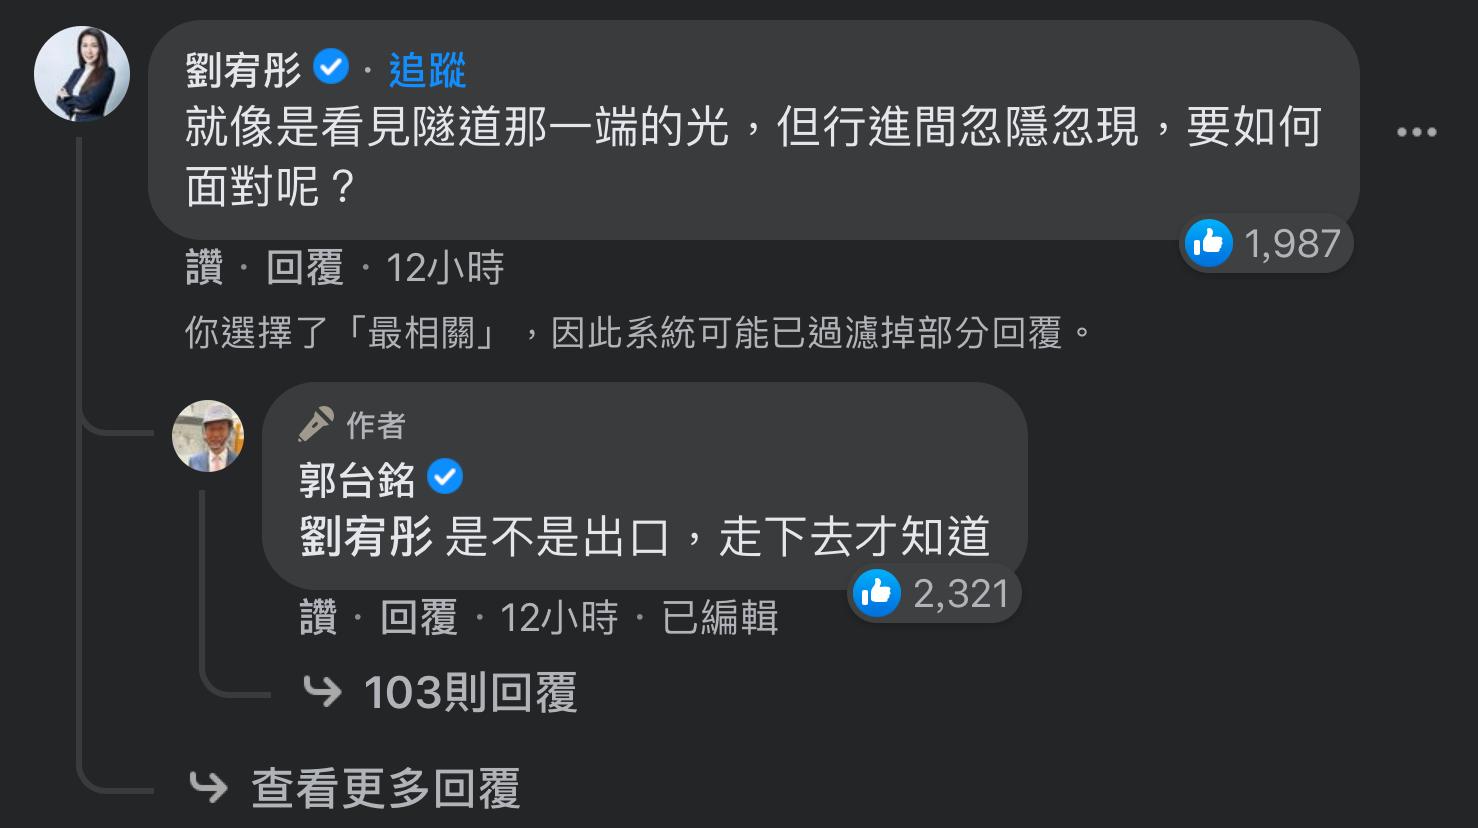 關於鴻海創辦人郭台銘17日發布的3點聲明,永齡基金會執行長劉宥彤和郭台銘本人在留言處一來一往,引外界關注。 圖:擷取自郭台銘臉書